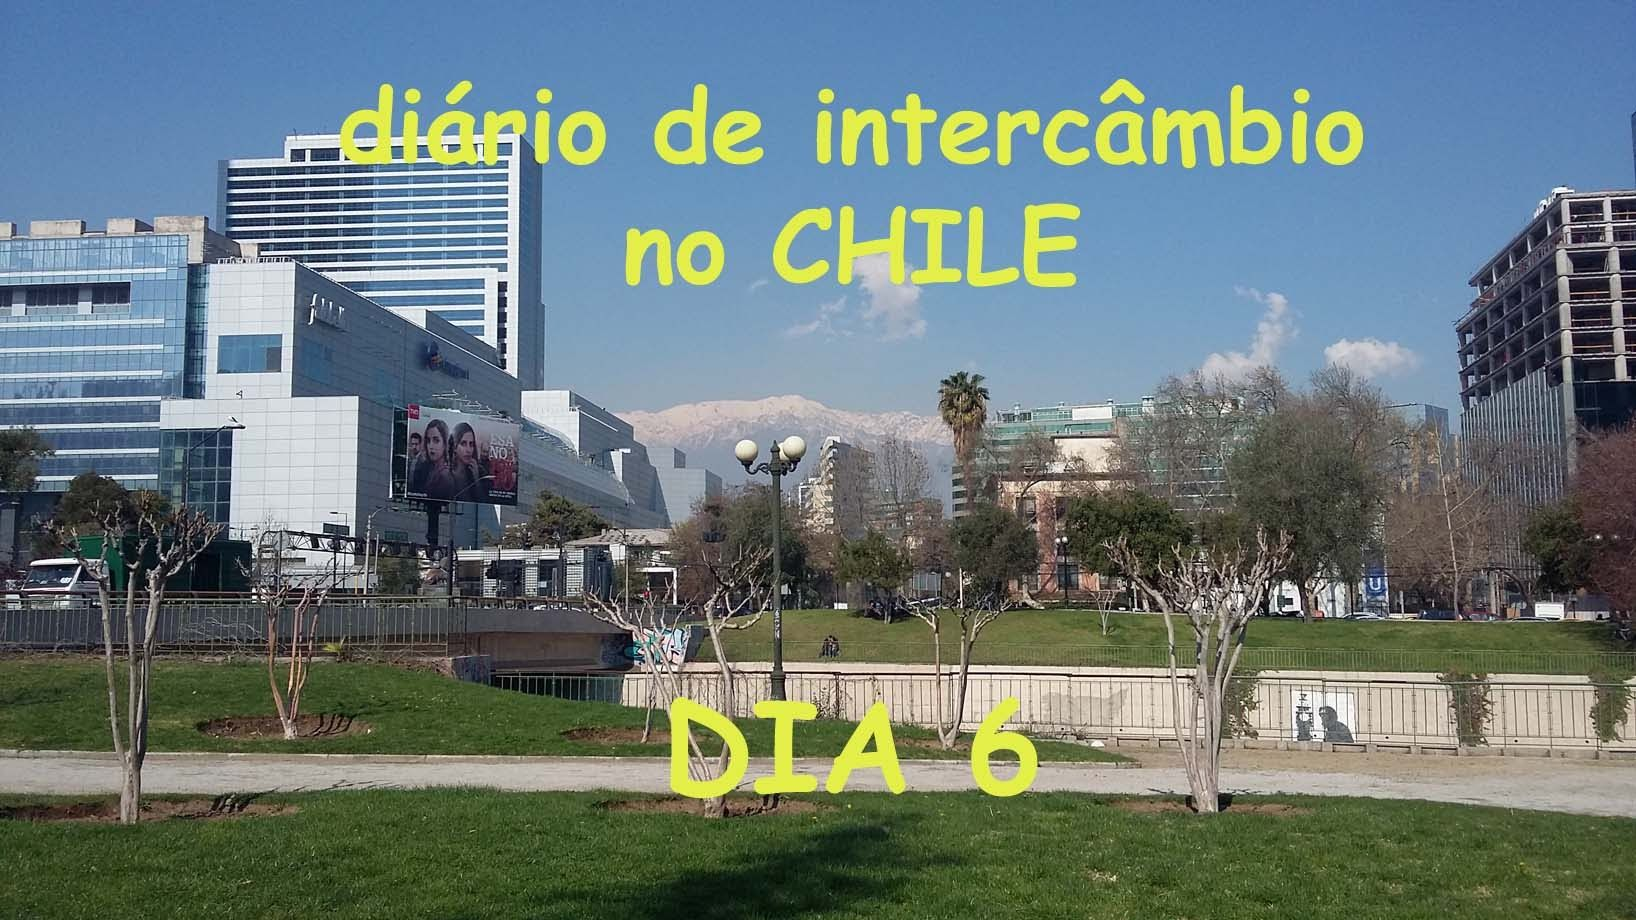 dia 6 + aula no parque + Costanera Center